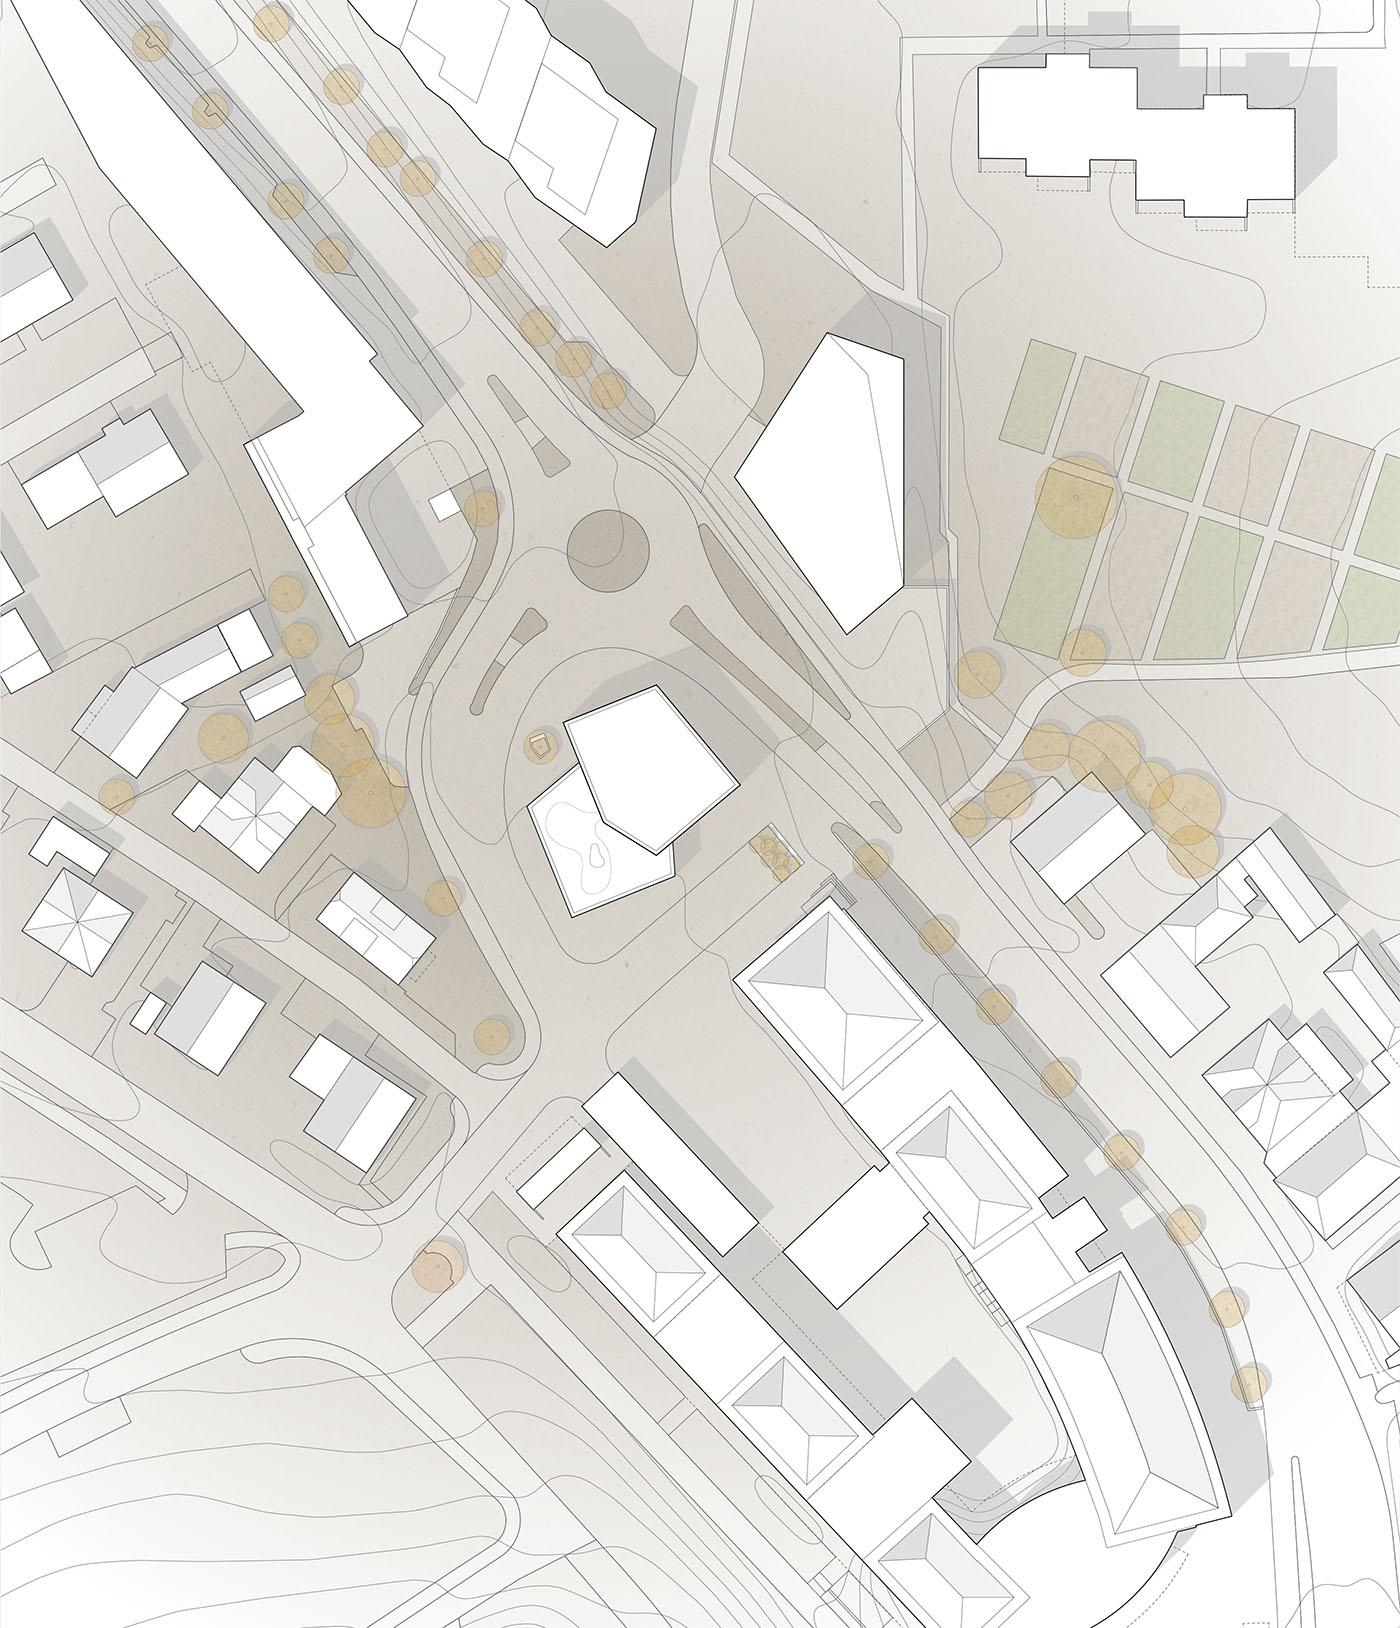 buan architekten – Studienauftrag Kanzlei-Kreisel Emmenbrücke – Situation